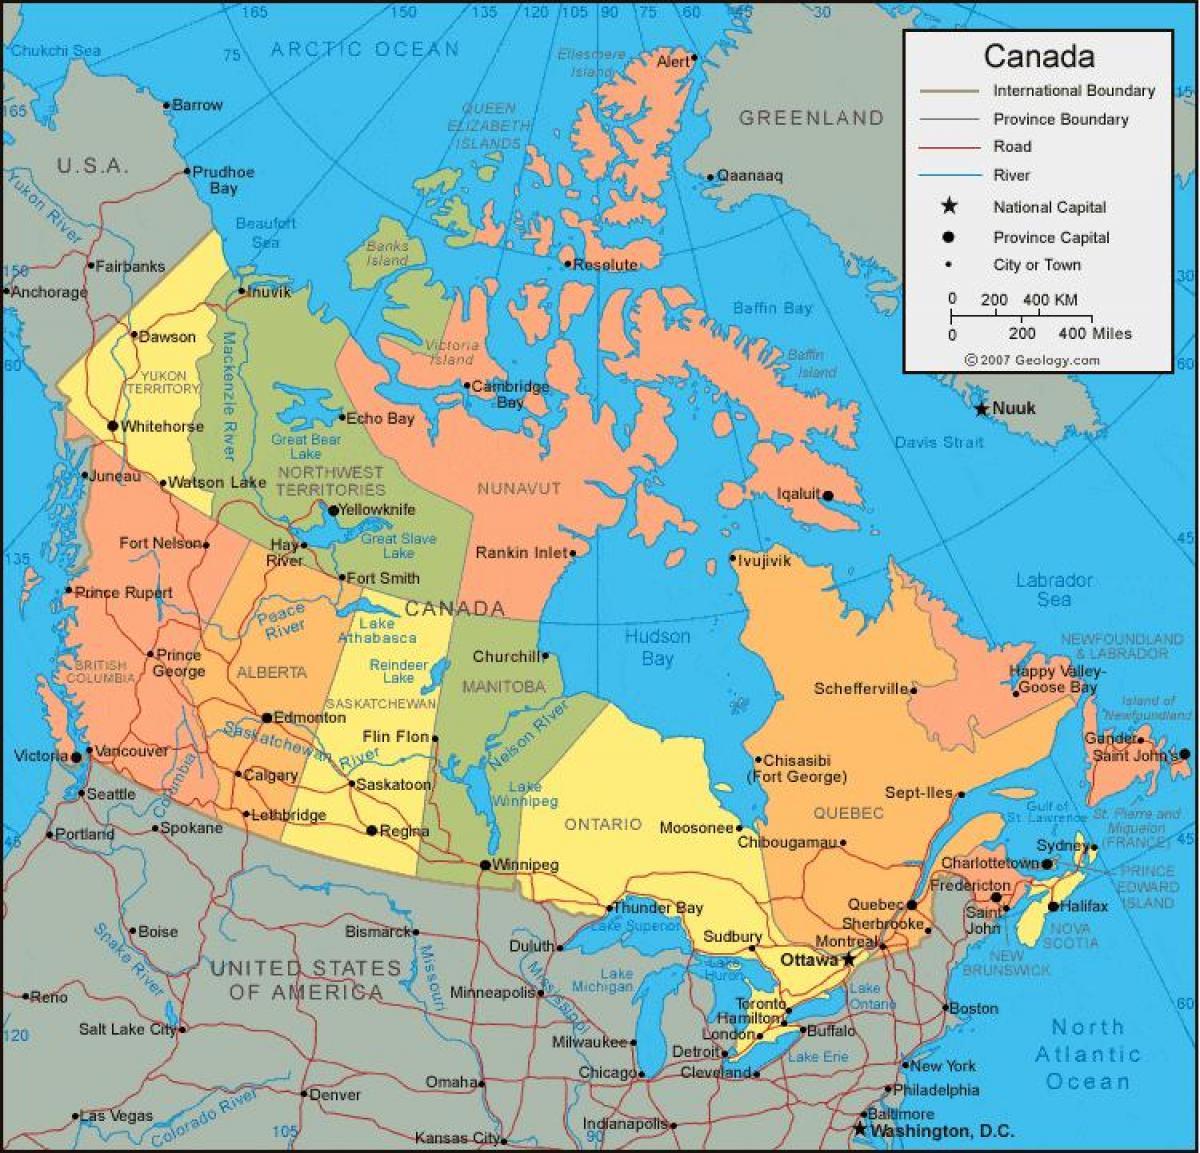 Physische Karte Usa.Kanada Politische Und Physische Karte Kanada Physische